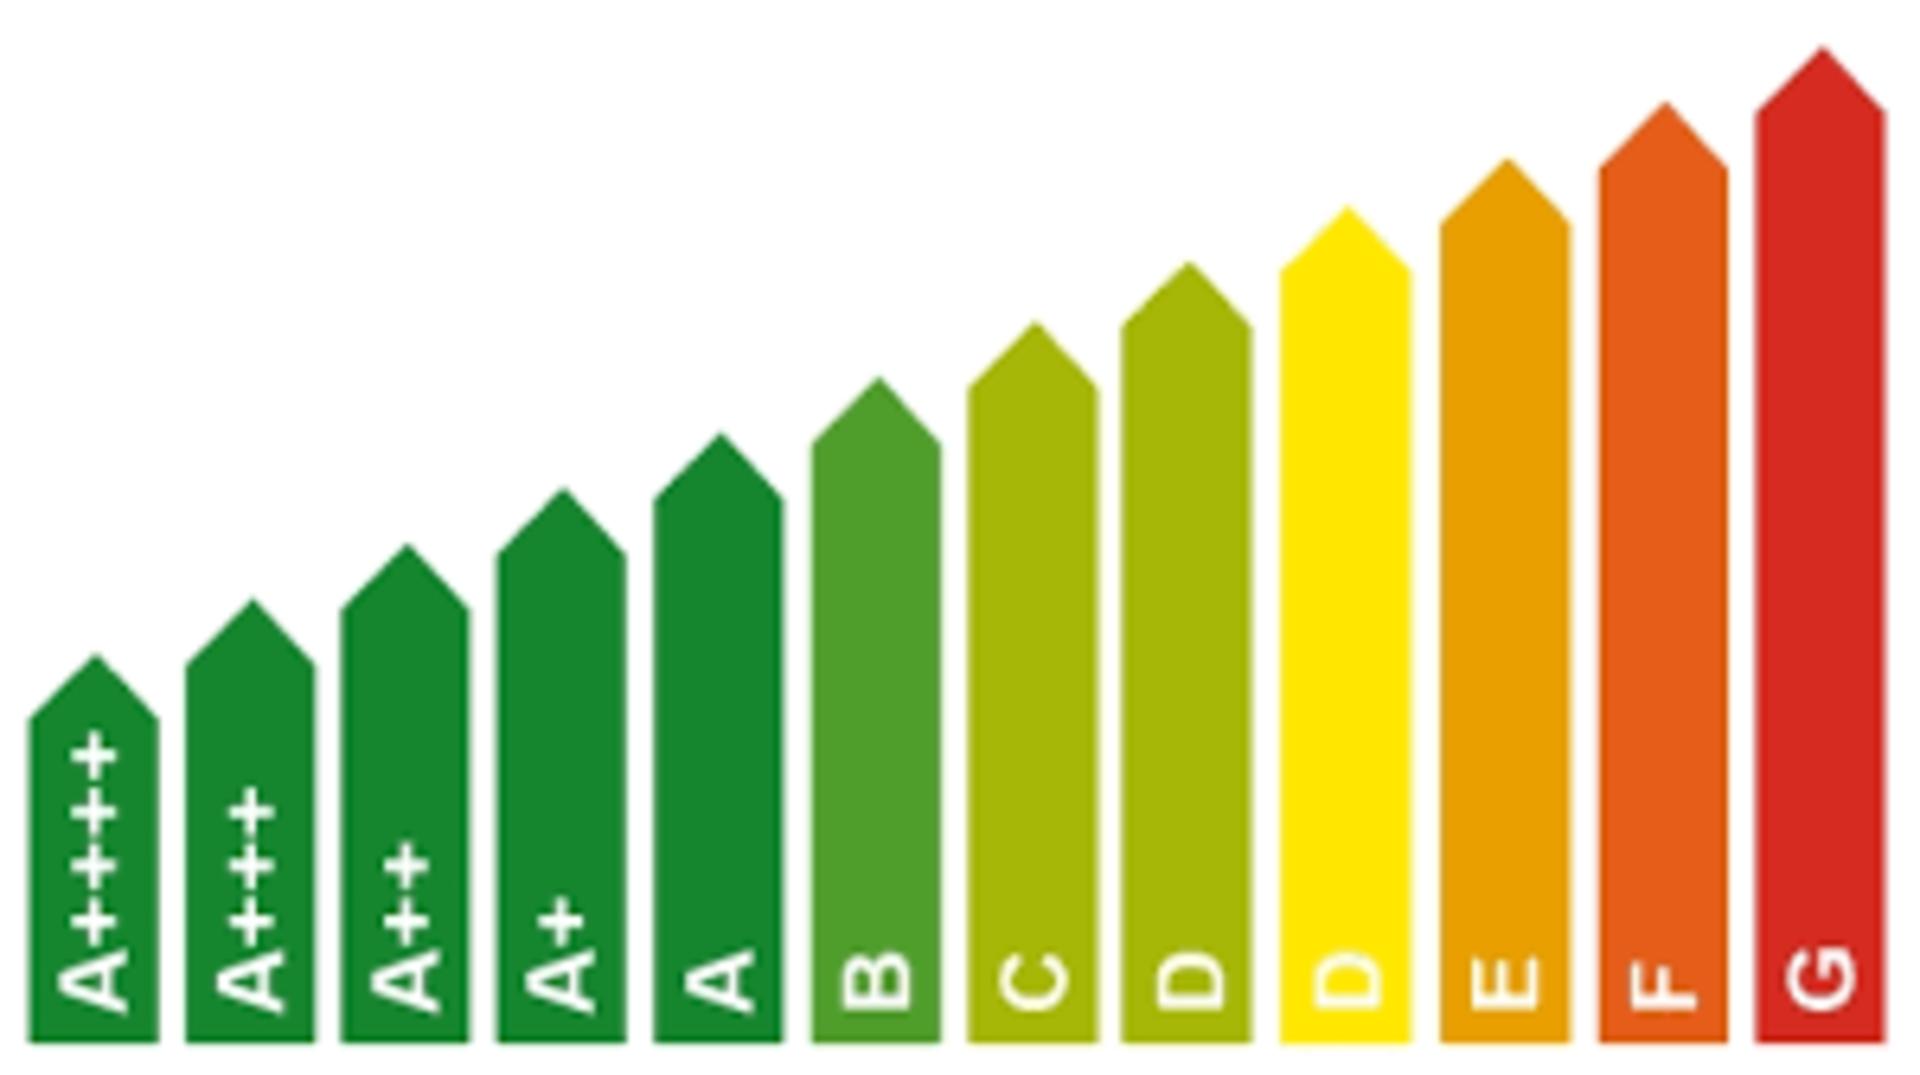 Vernieuwd energielabel voor woningen en gebouwen